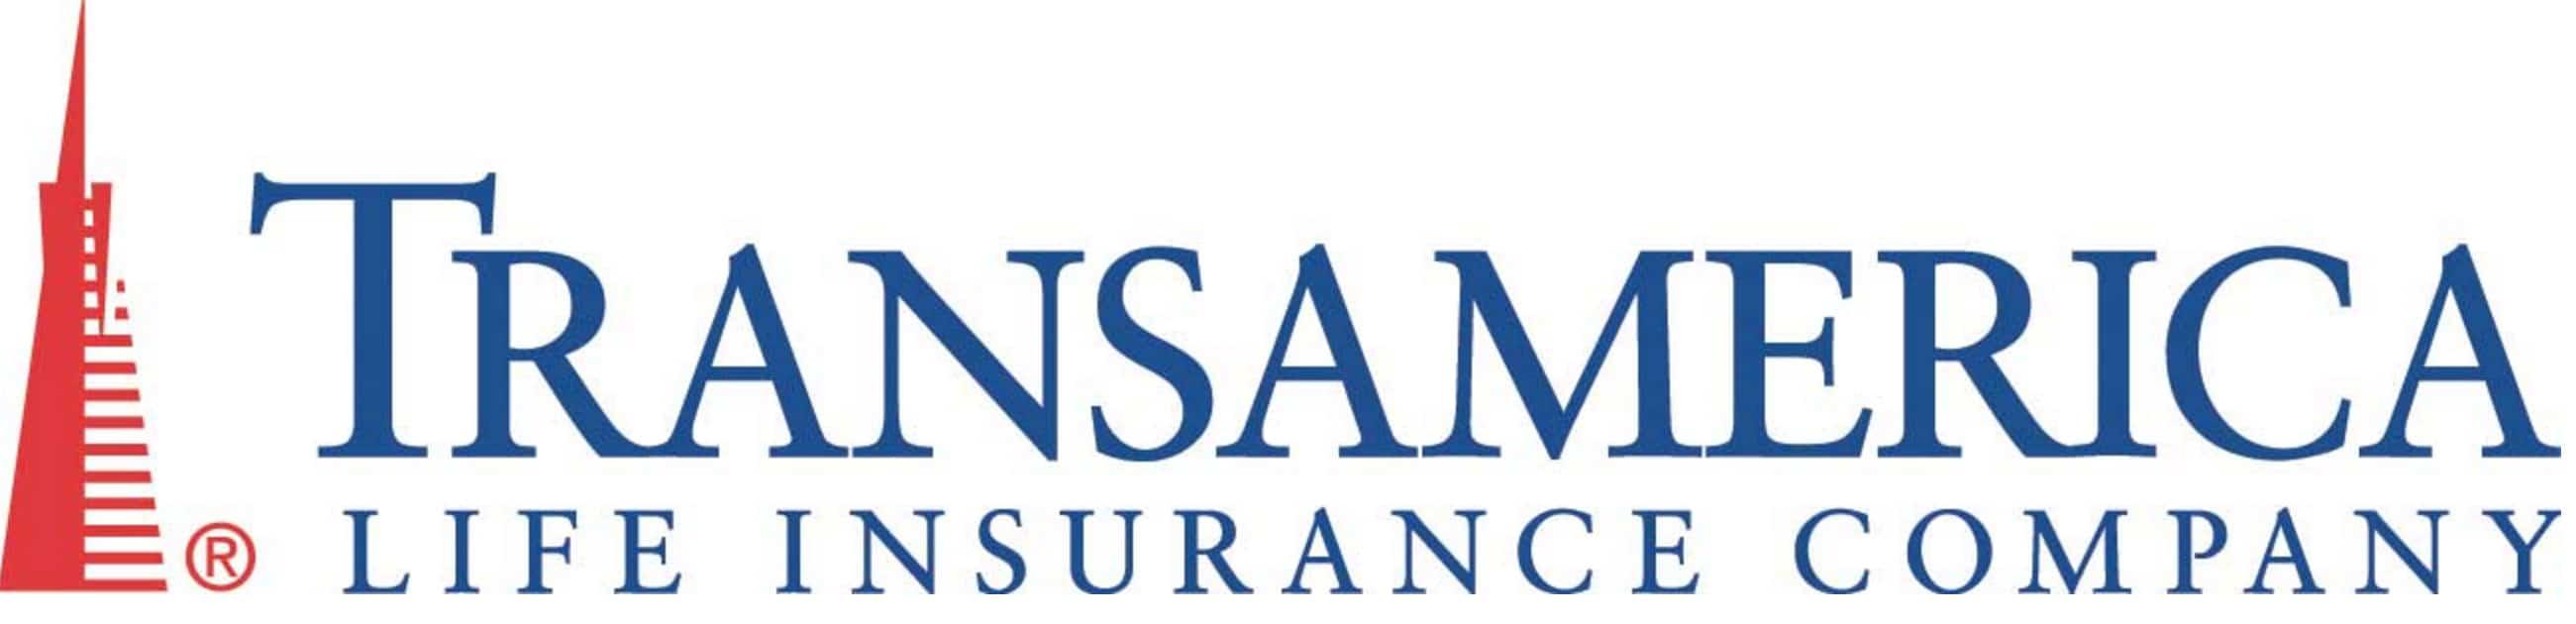 Transamerica Life Insurance Reviews >> Transamerica Life Insurance Reviews Vista Today